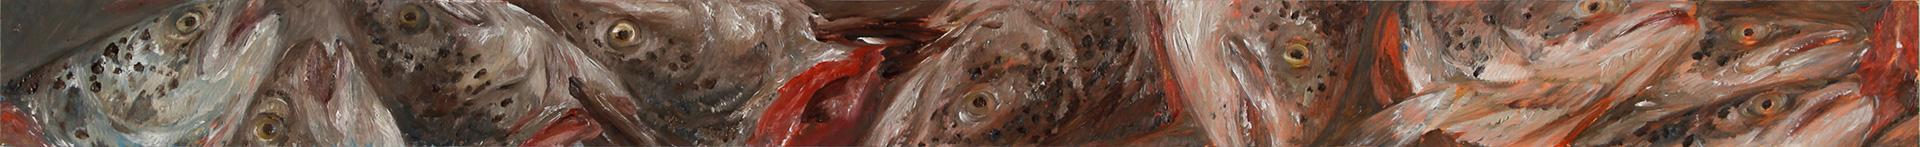 Lachskopffries 6, 2019, 130 x 10 cm, Öl auf MDF